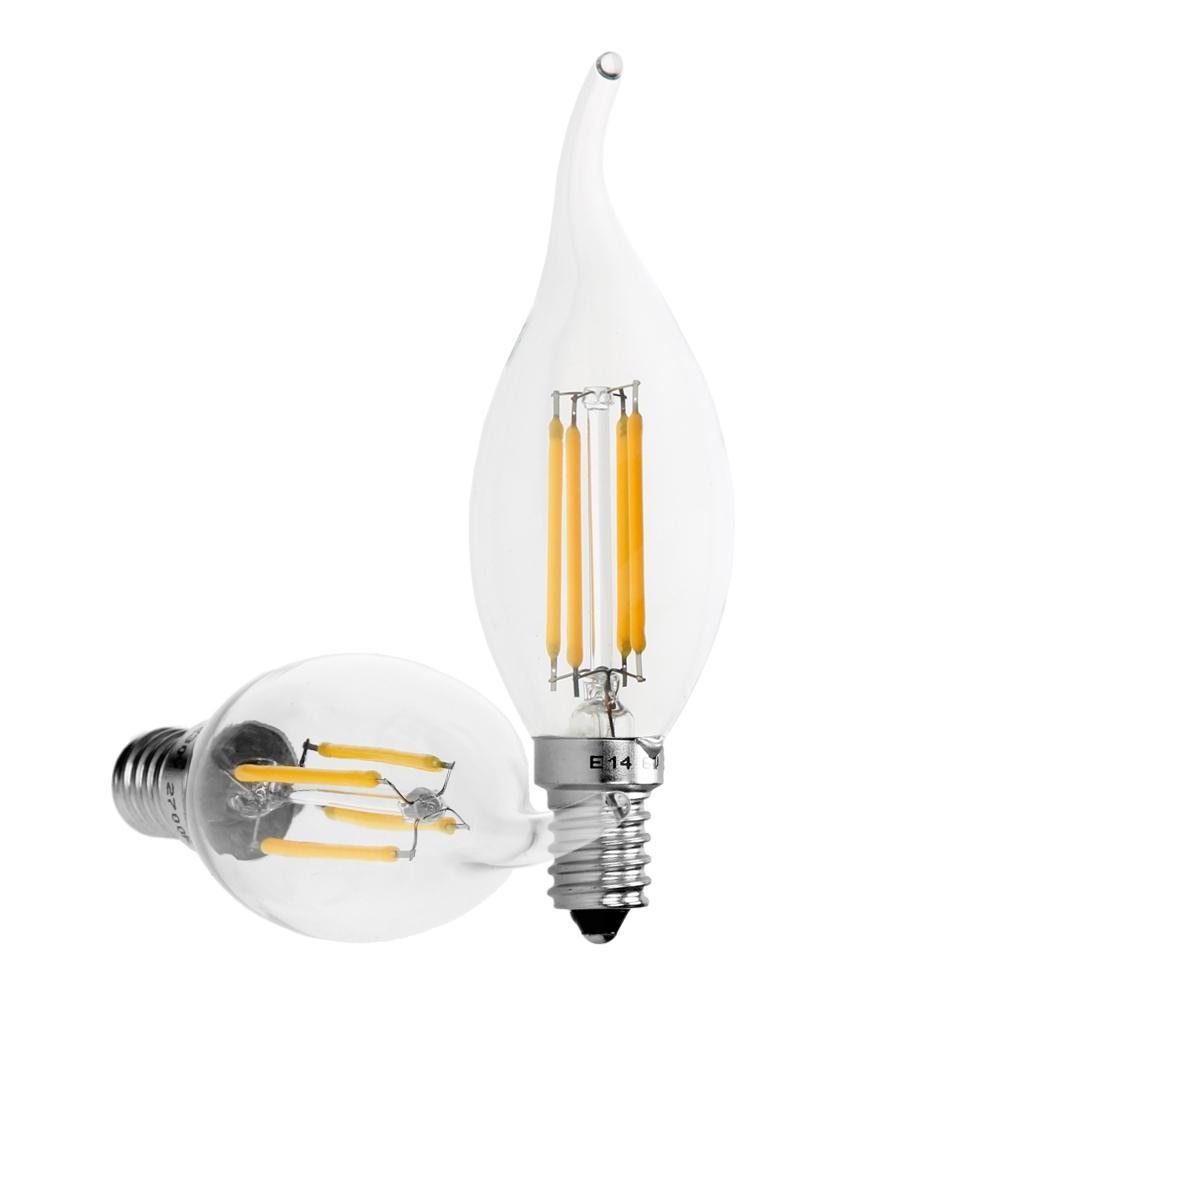 Ecd Germany 4 x Lampe LED rafale de vent filament de bougie E14 4W blanc chaud